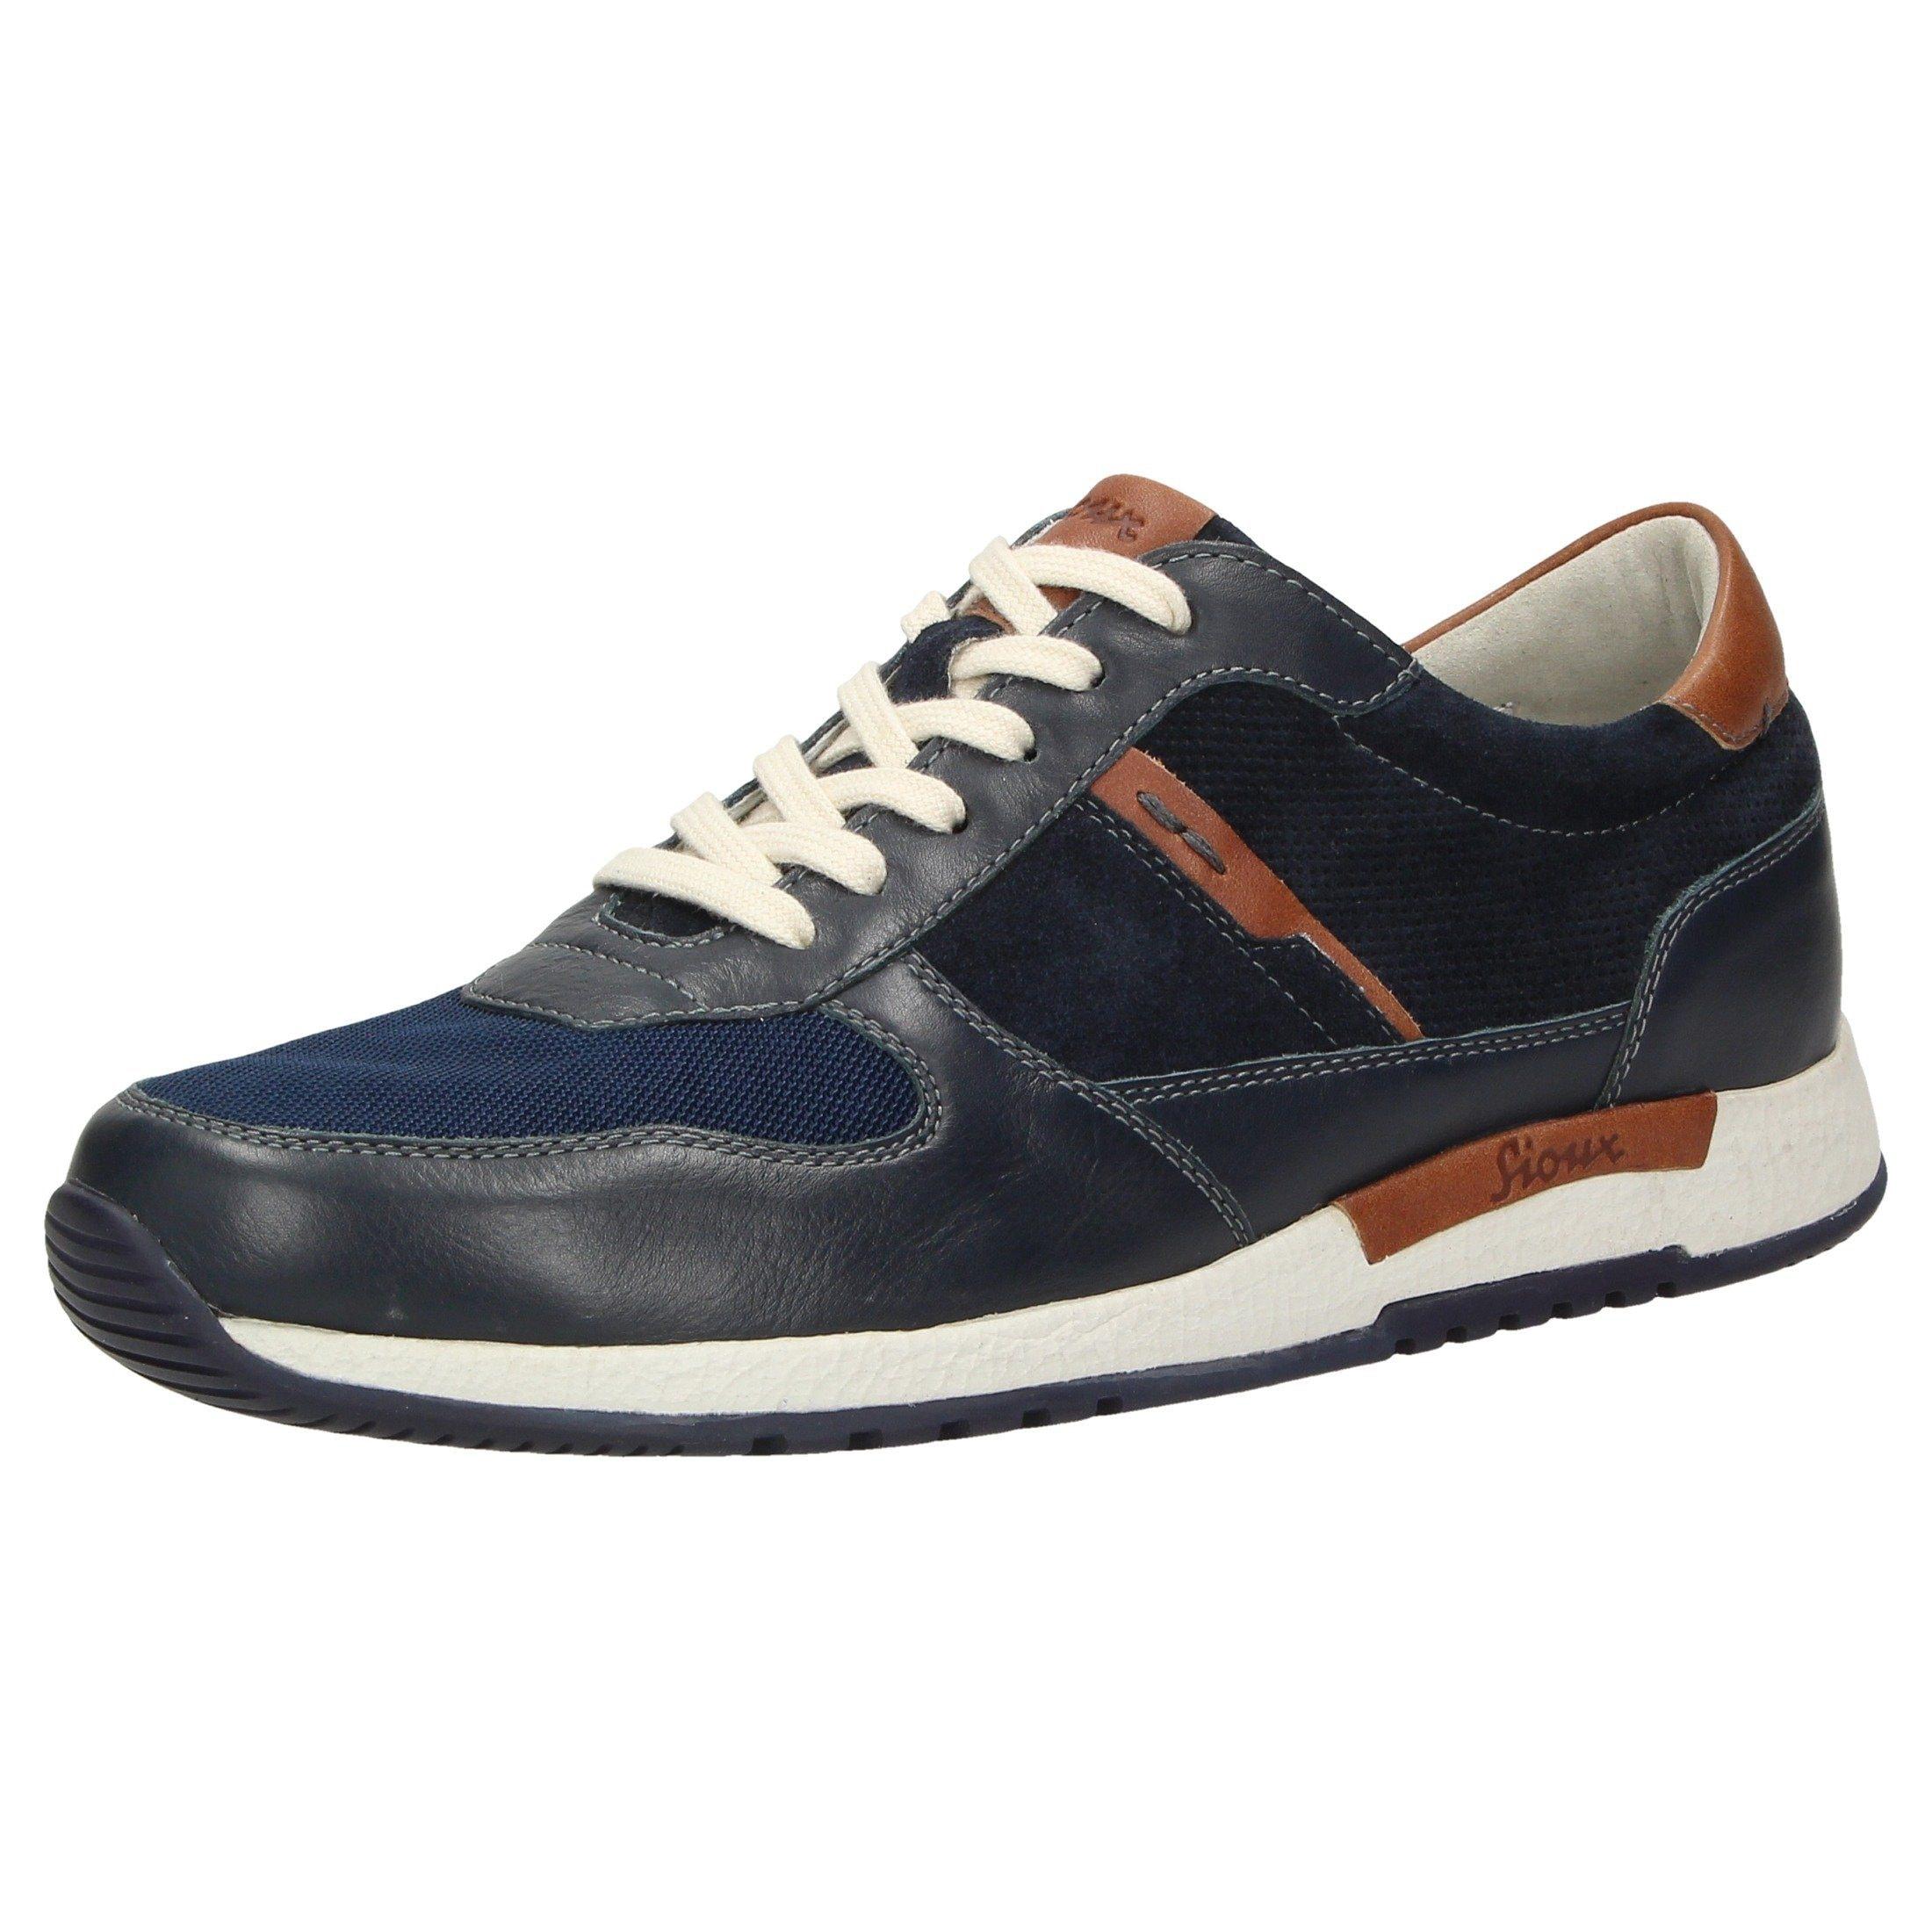 SIOUX Sneaker Rodon gnstig kaufen | Gutes Preis Leistungs Verhältnis,